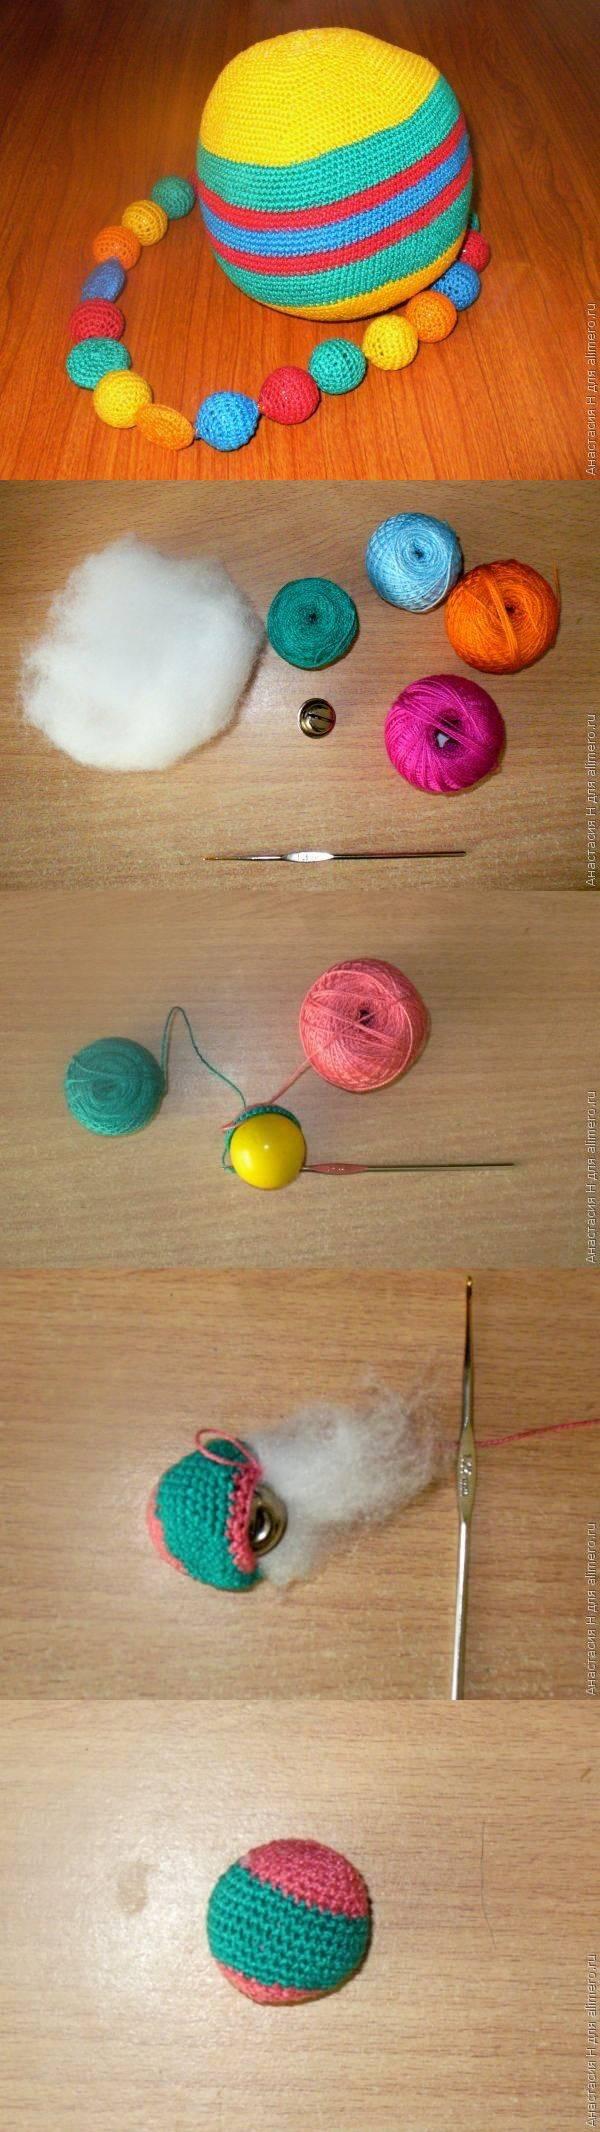 Вязаные игрушки - бусы и мячик